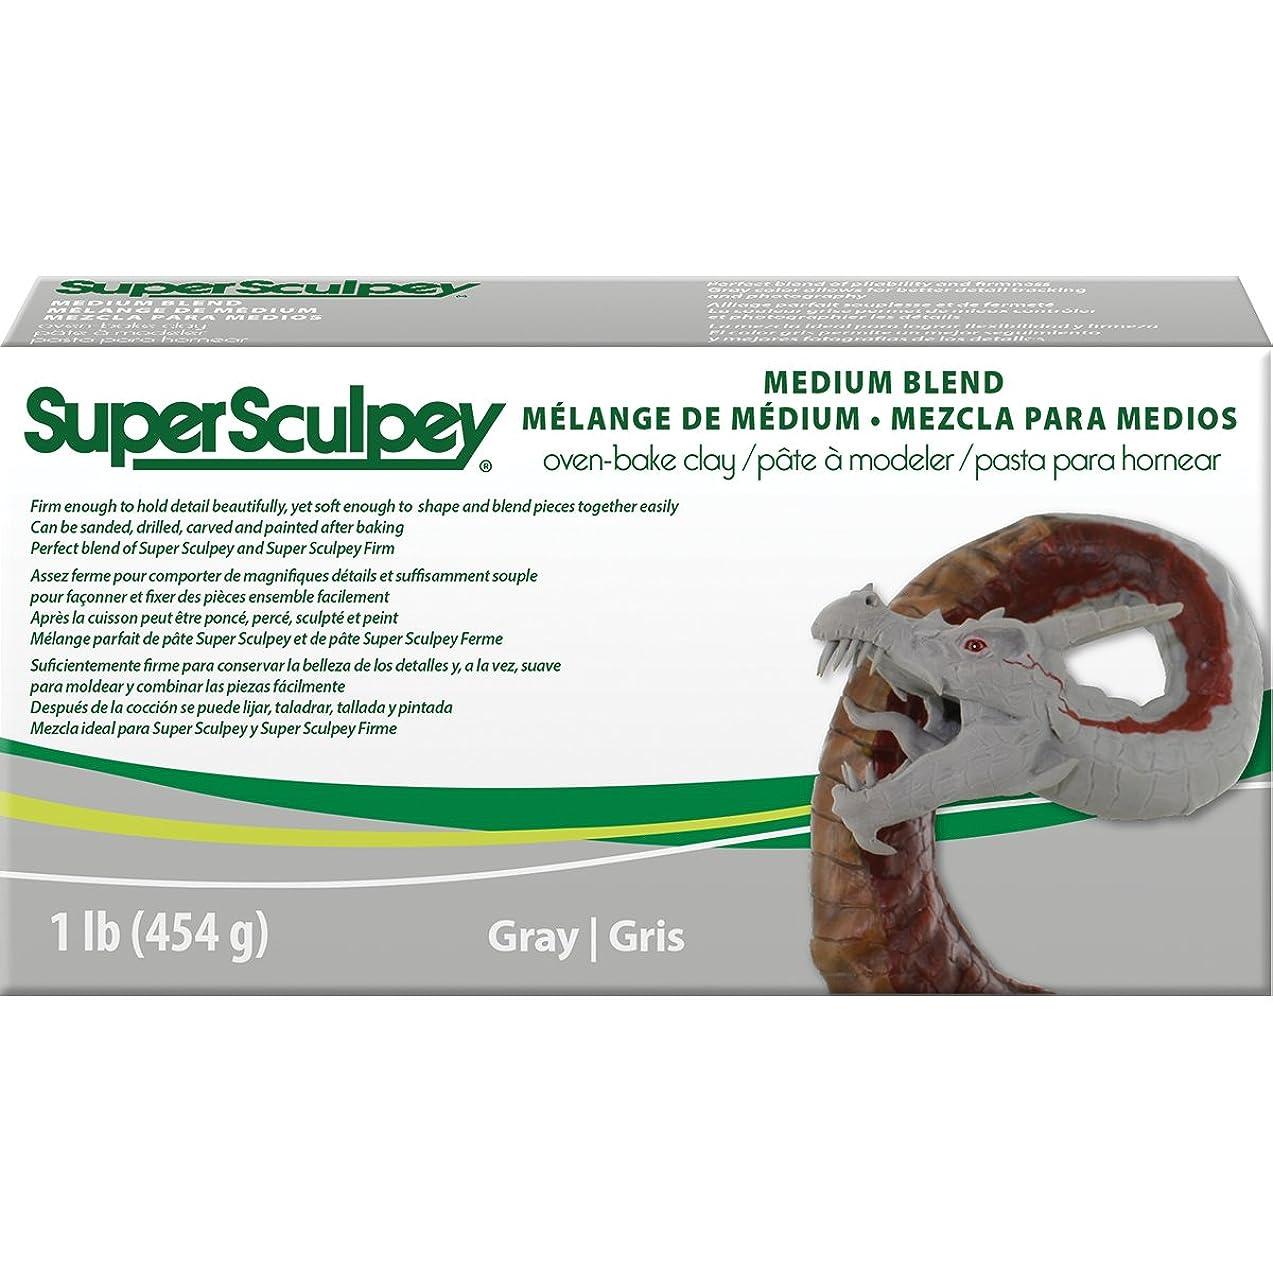 Super Sculpey SSMED1 1 lb Medium Blend, ys/m, Multicolor